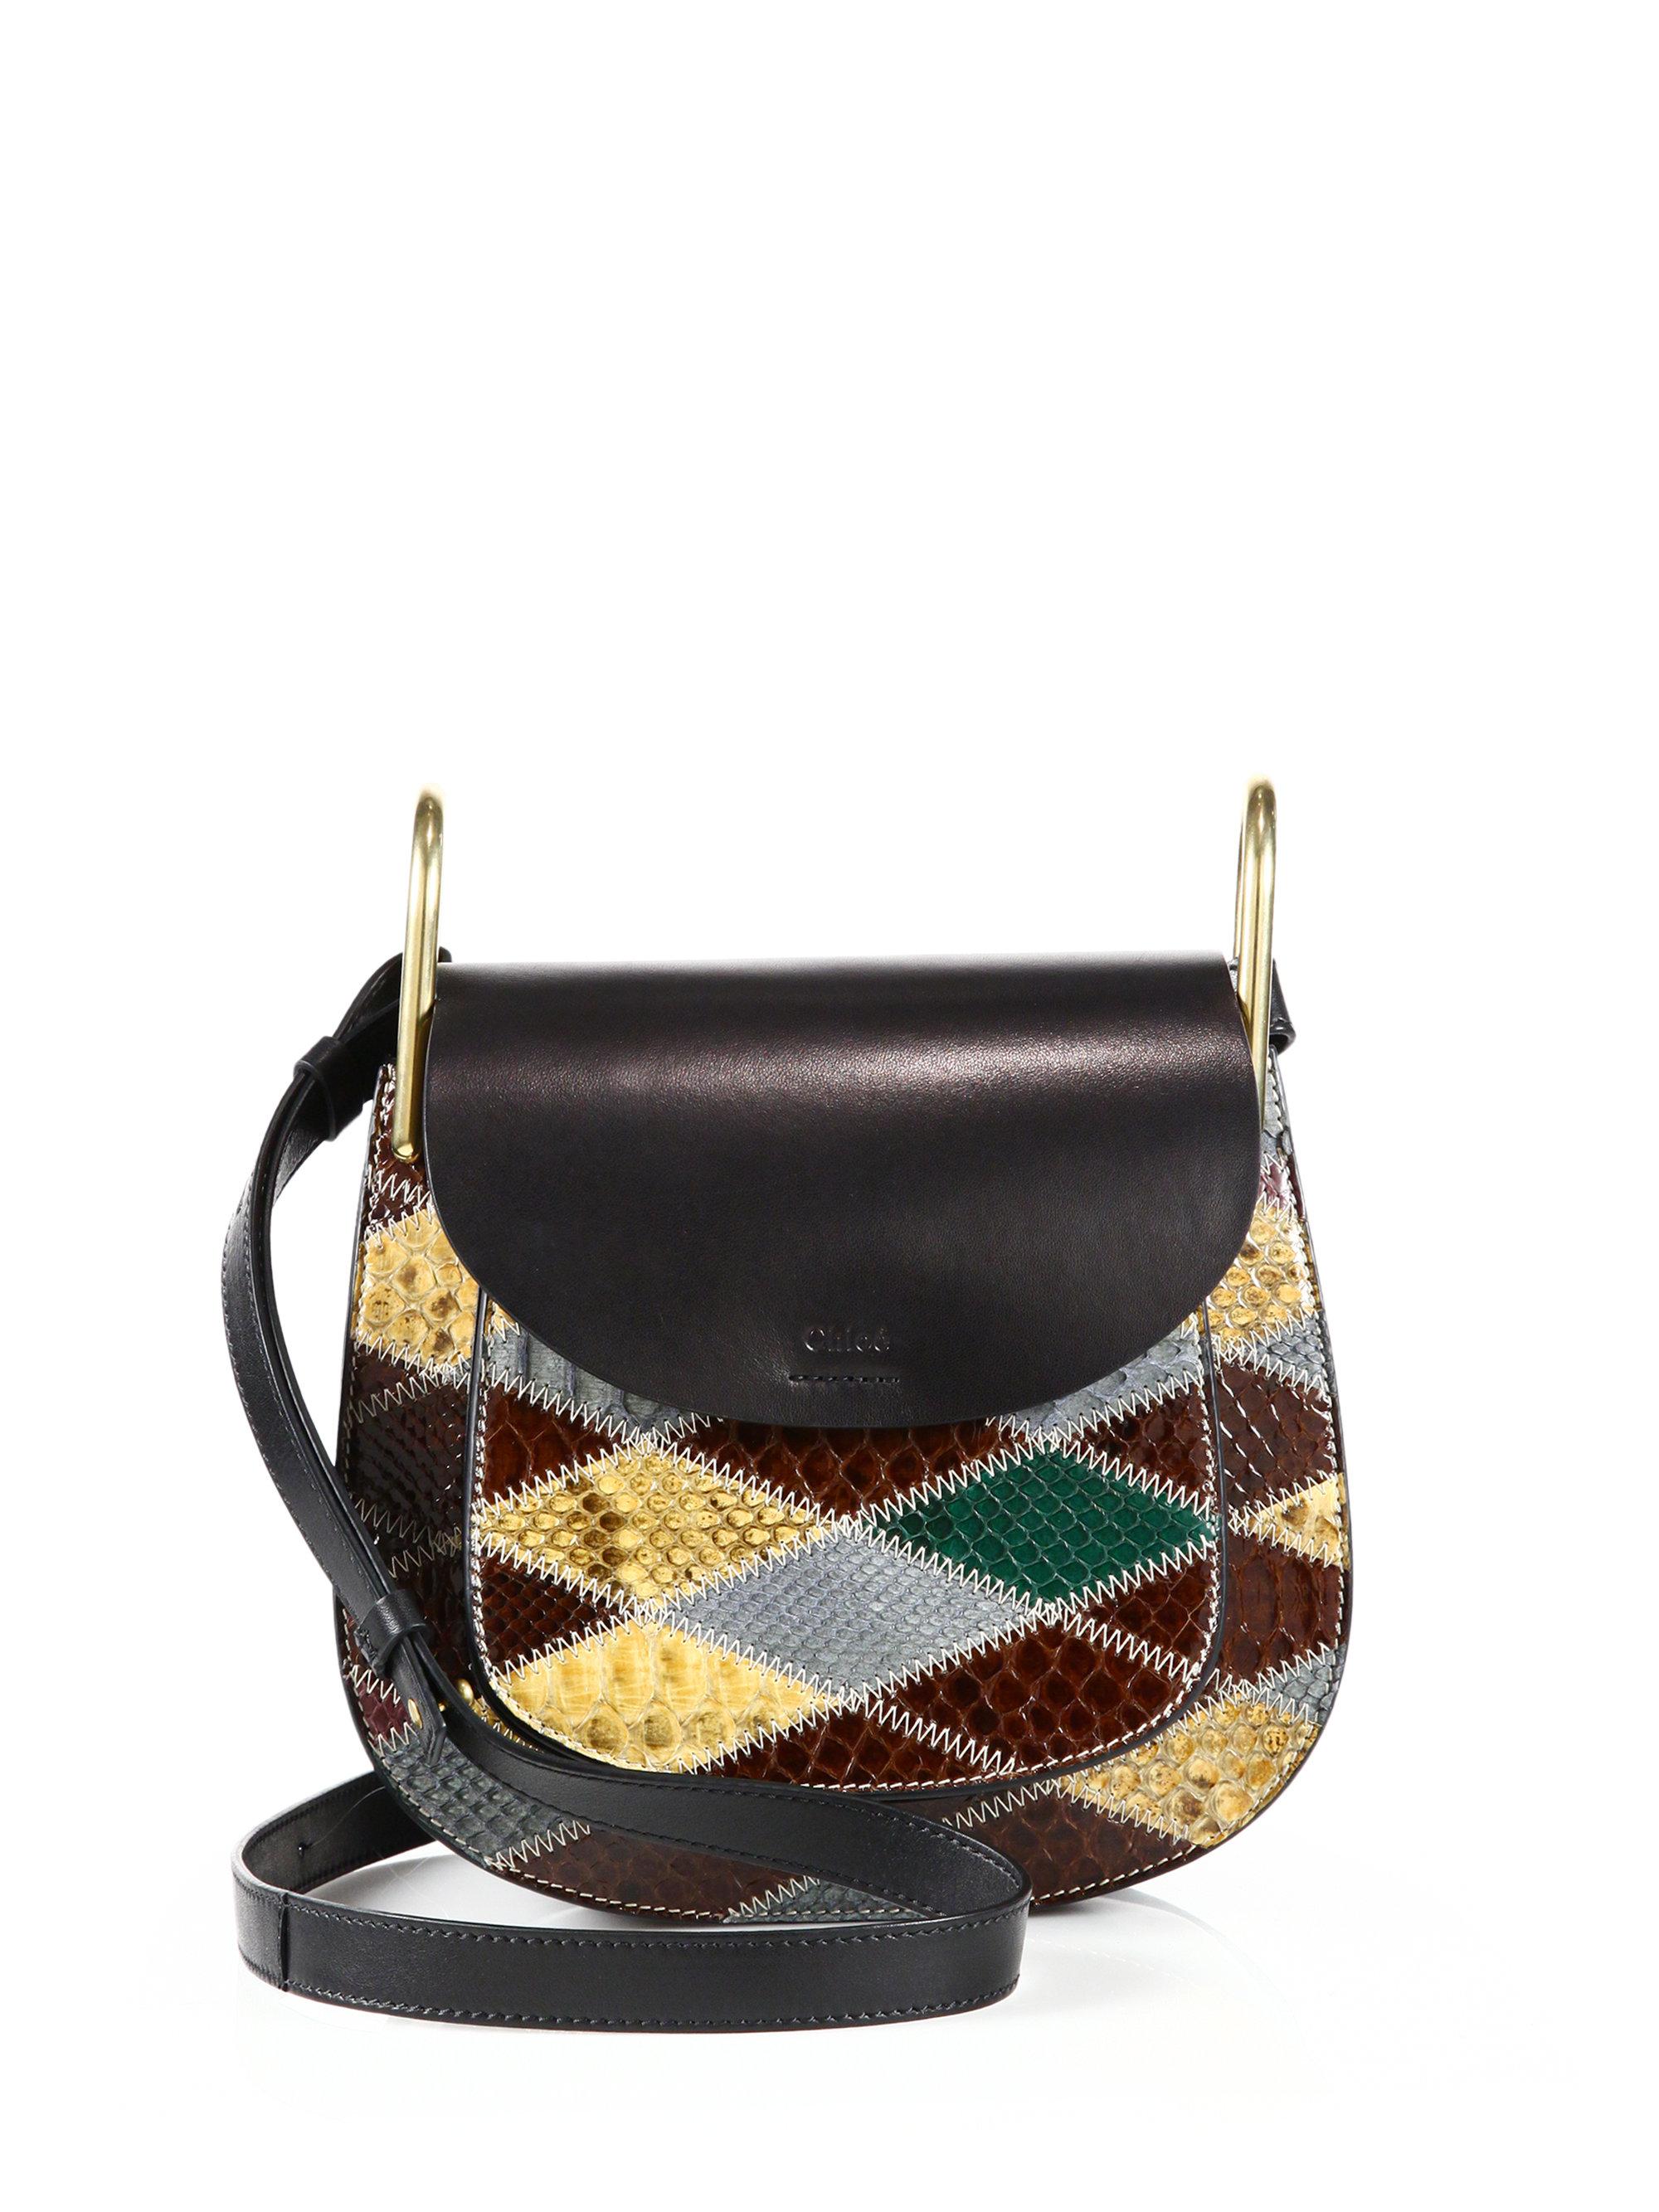 Chlo�� Hudson Small Patchwork Leather Shoulder Bag in Multicolor ...